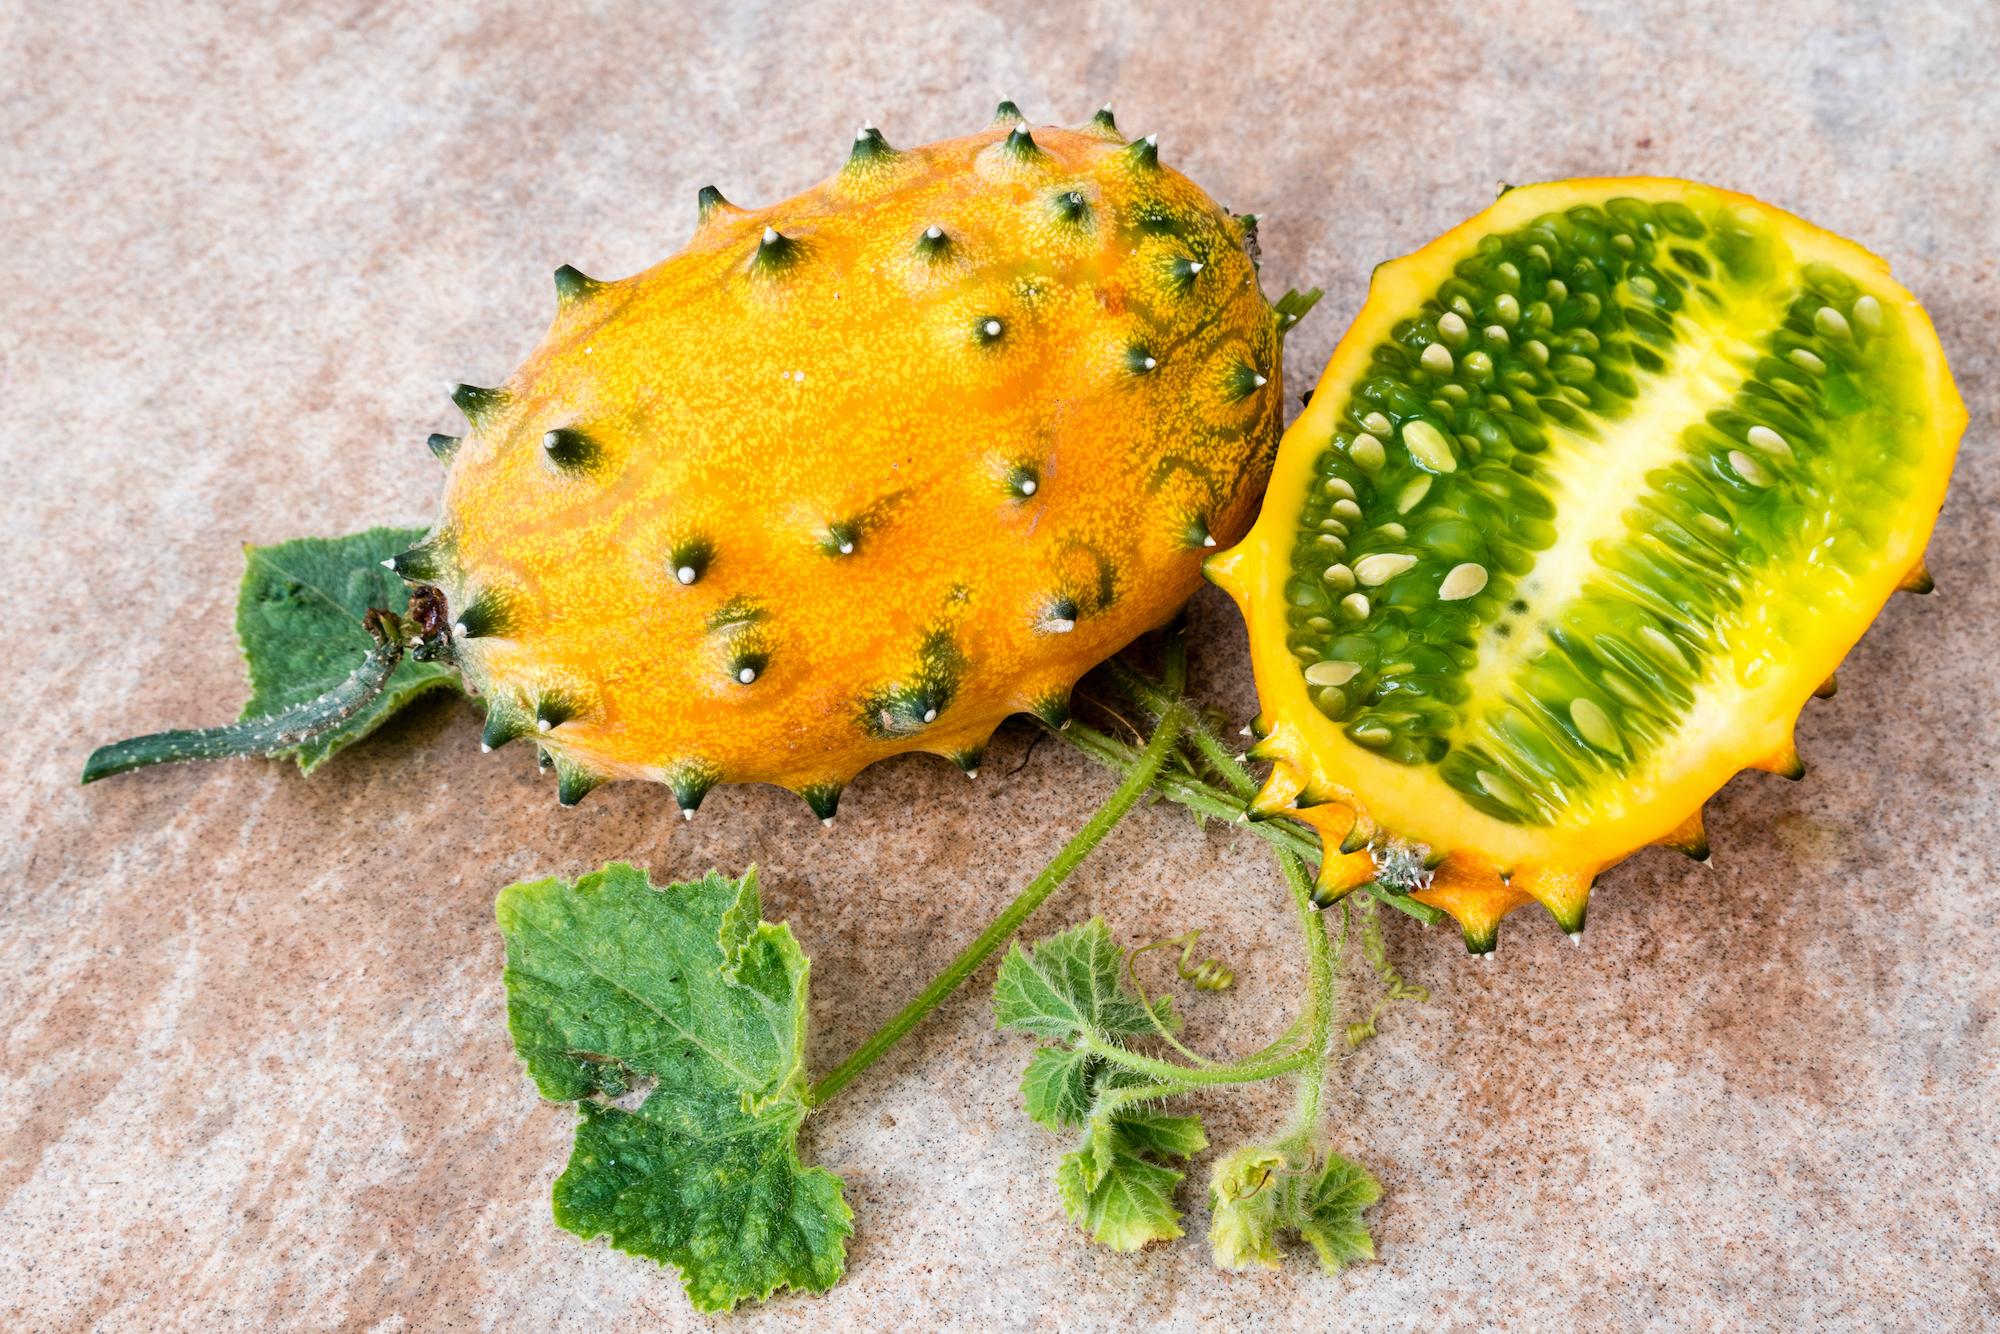 Horned Melon - Cucumis metuliferus